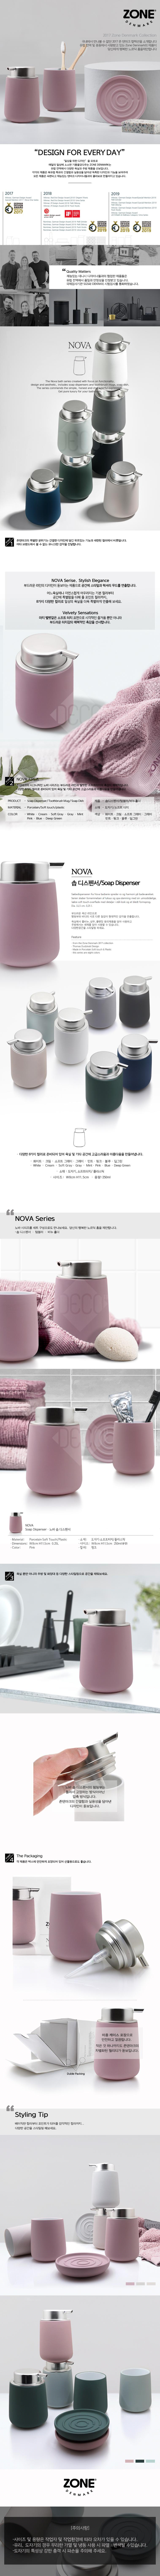 존덴마크 노바 솝디스펜서 욕실용품 핑크 - 존덴마크, 50,000원, 세안/목욕, 디스펜서